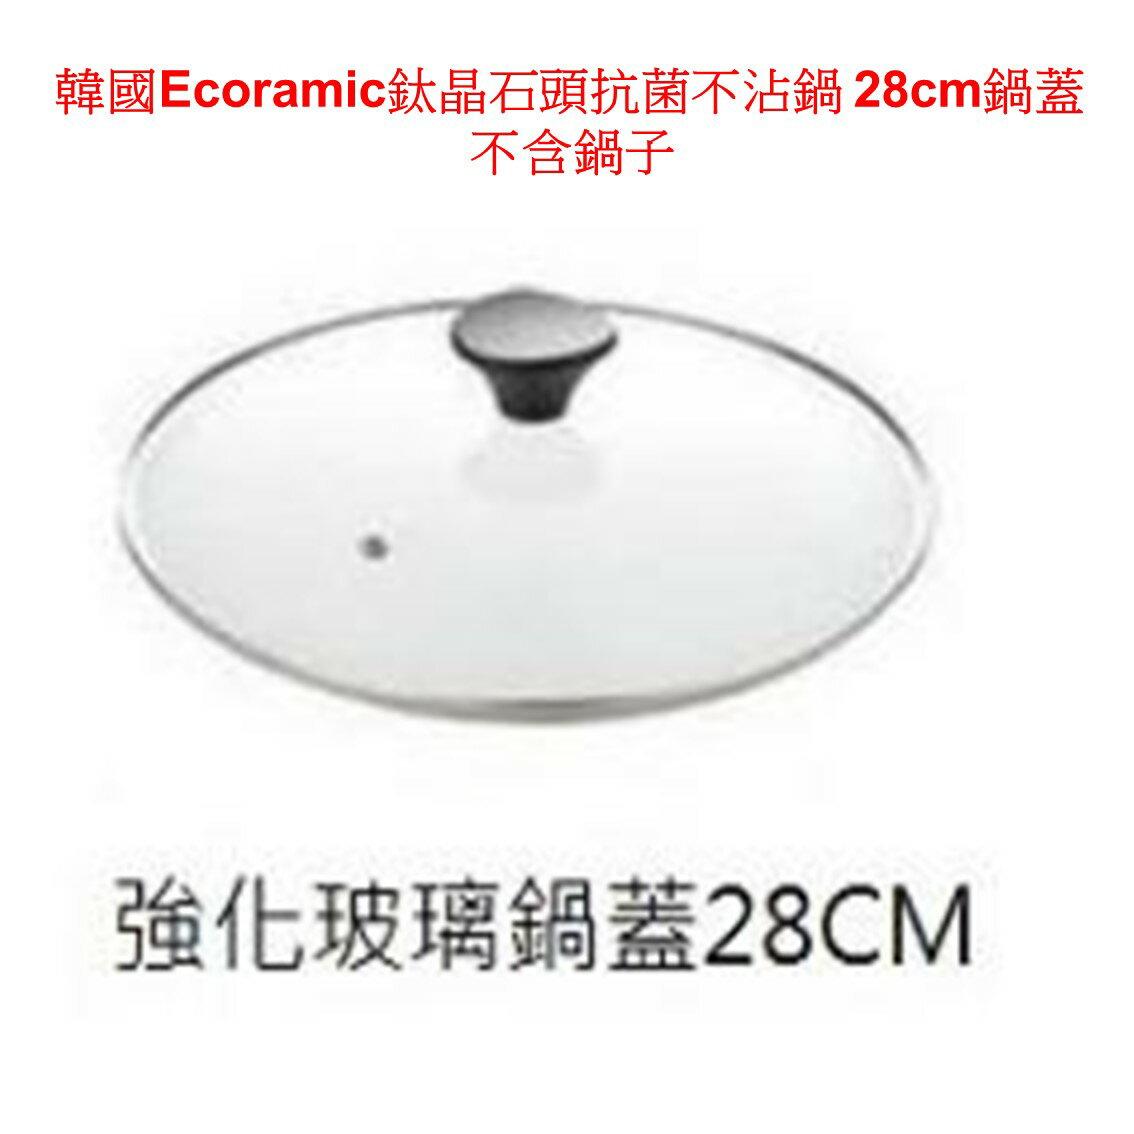 【現貨】韓國Ecoramic鈦晶石頭抗菌不沾鍋 平底鍋28cm鍋蓋 (不含鍋子)【樂活生活館】